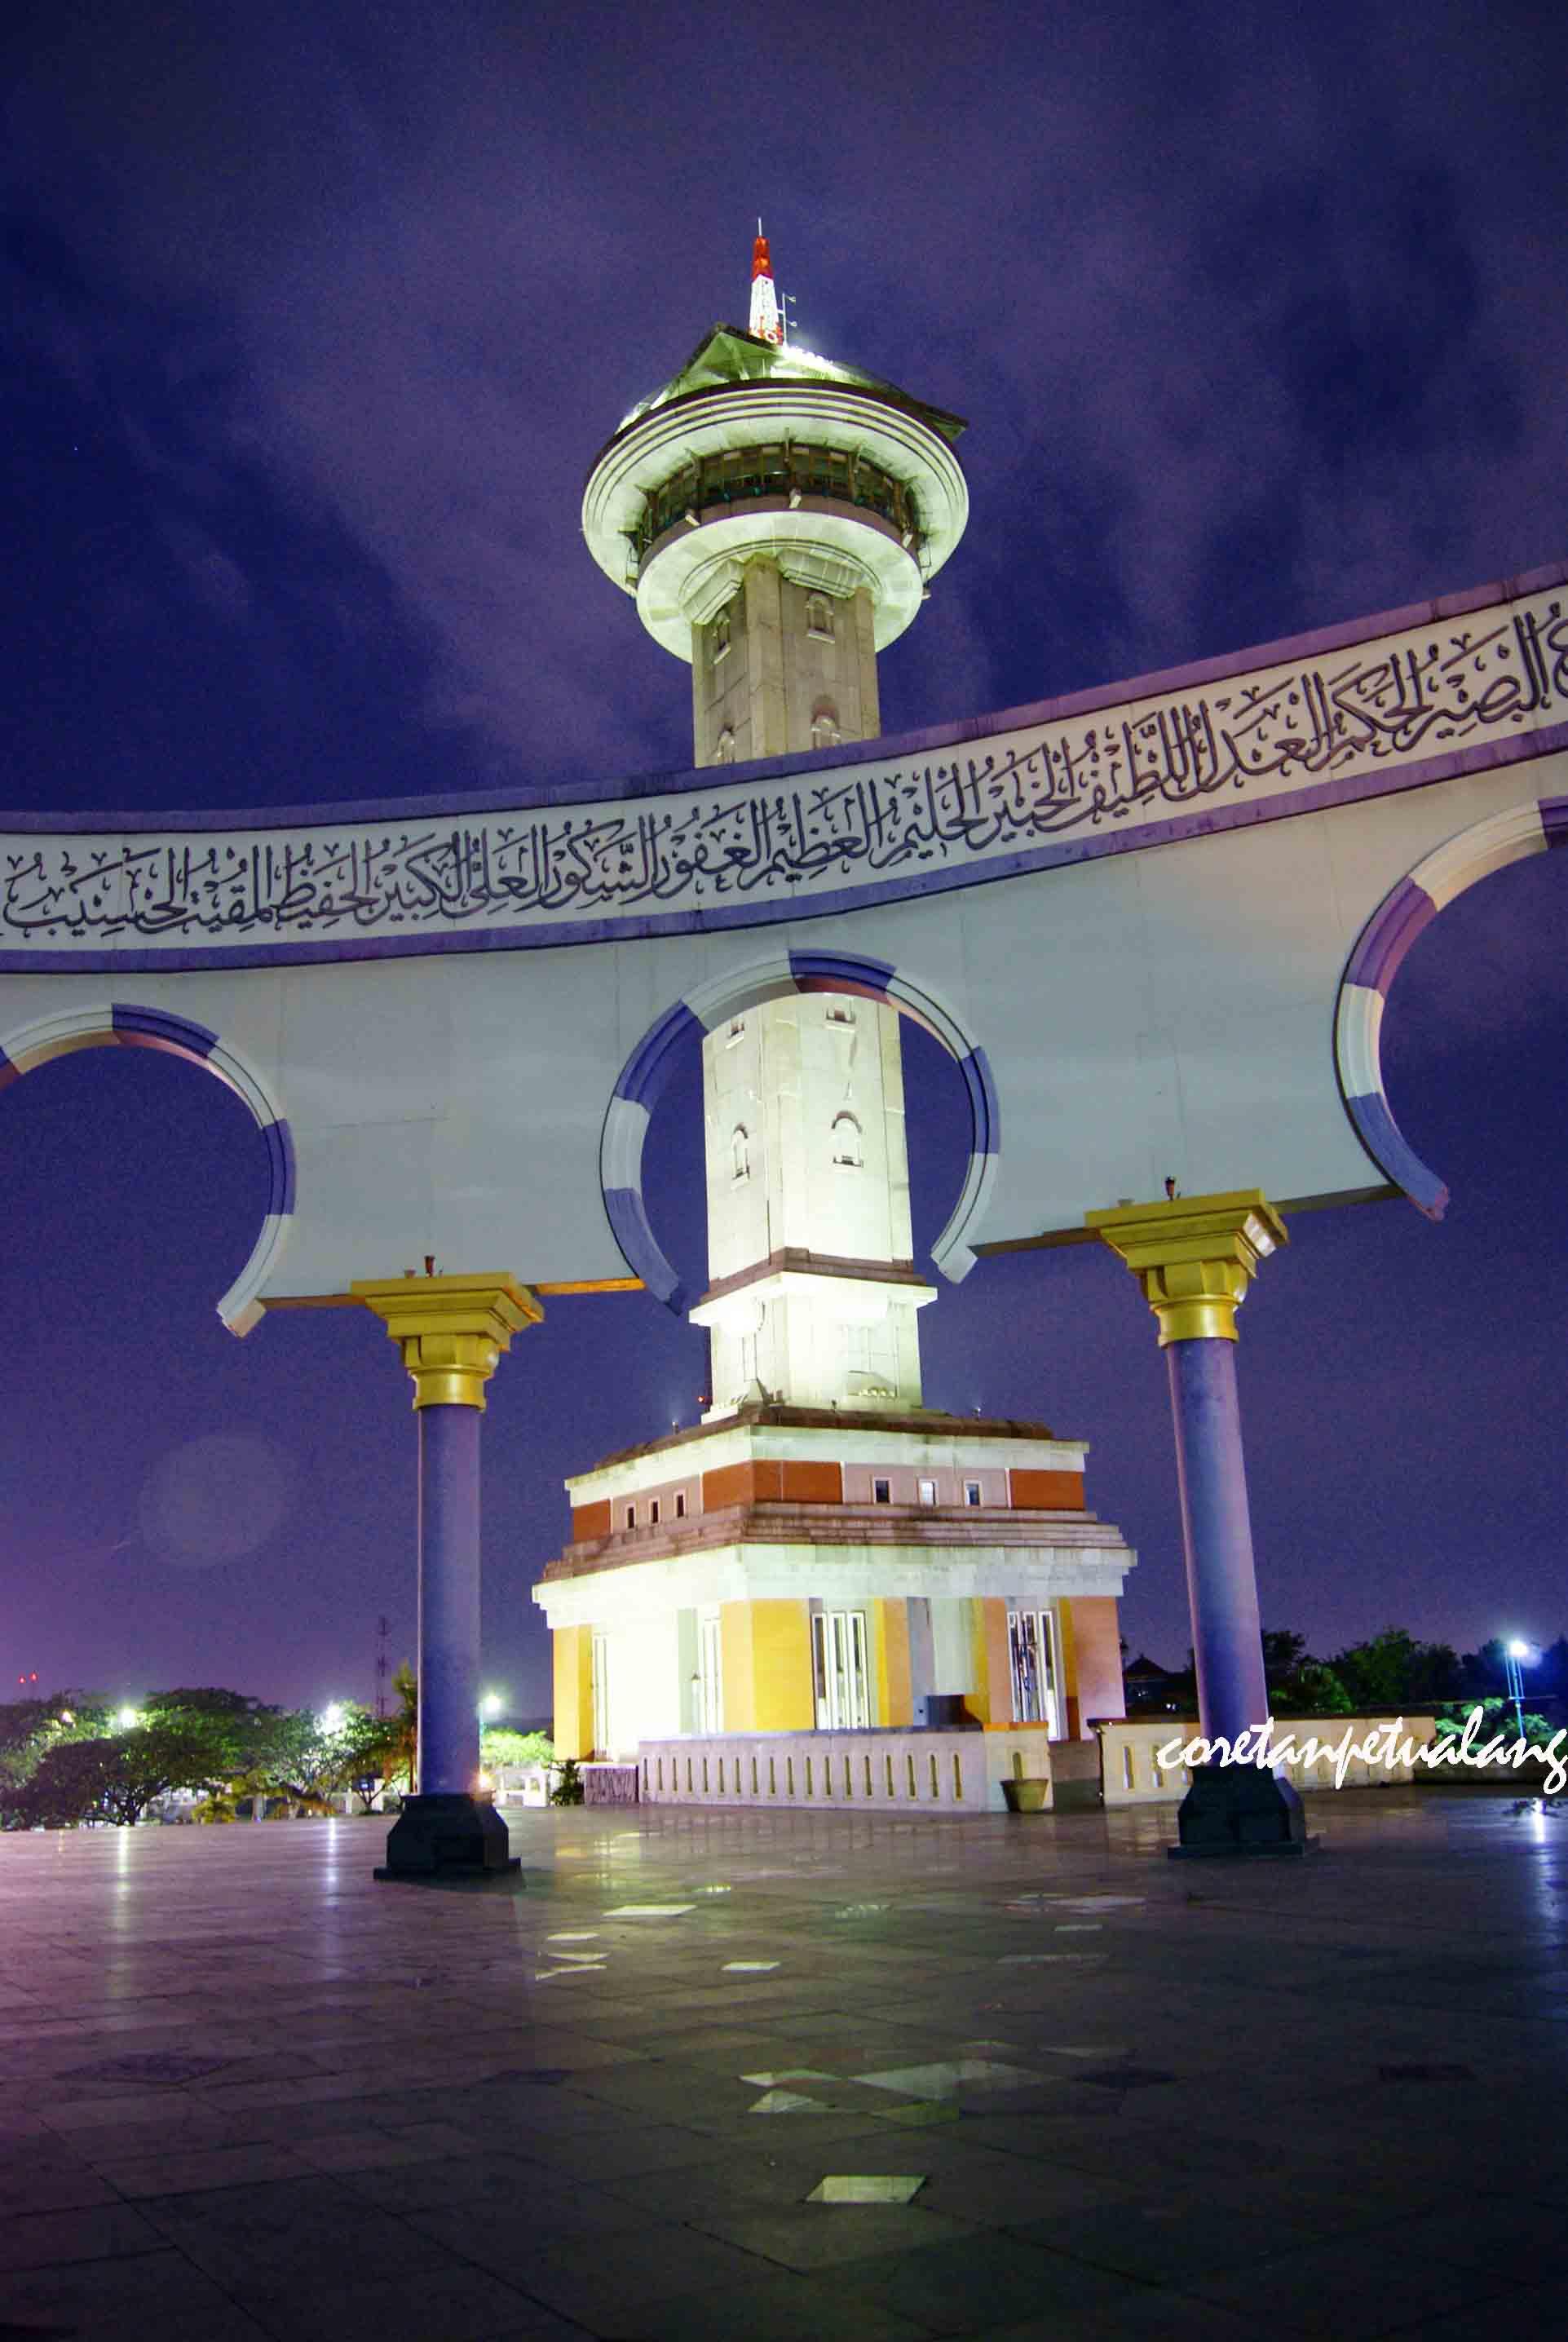 Masjid Agung Jawa Tengah Megah Di Malam Hari Coretanpetualang S Blog